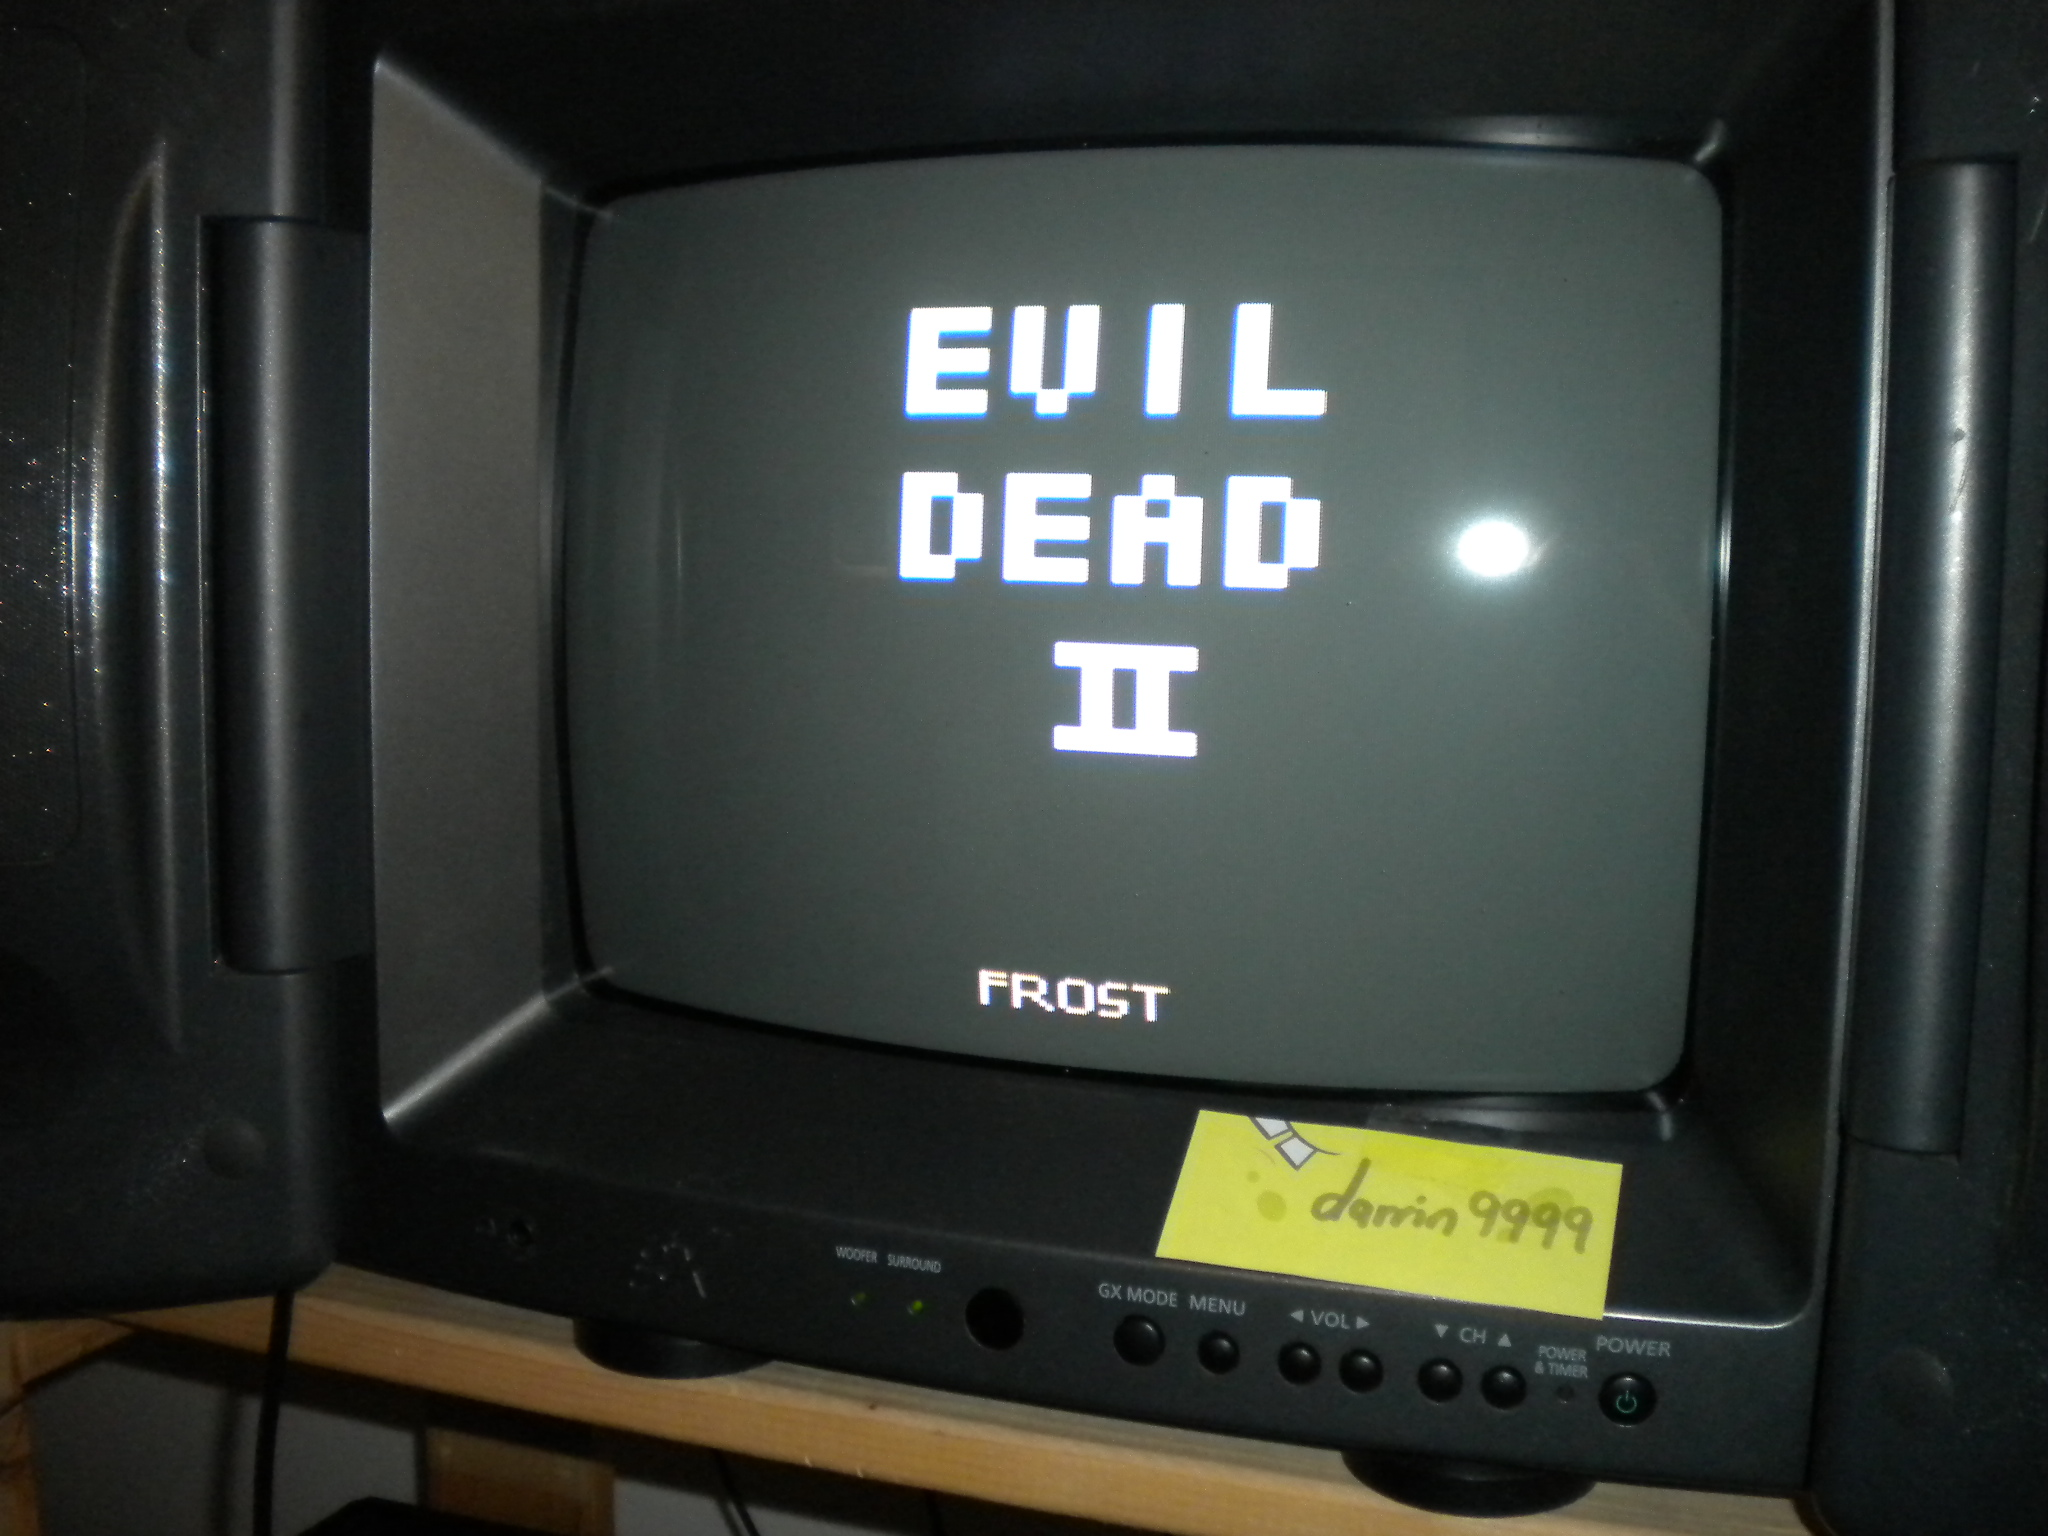 Evil Dead 2 9,000 points